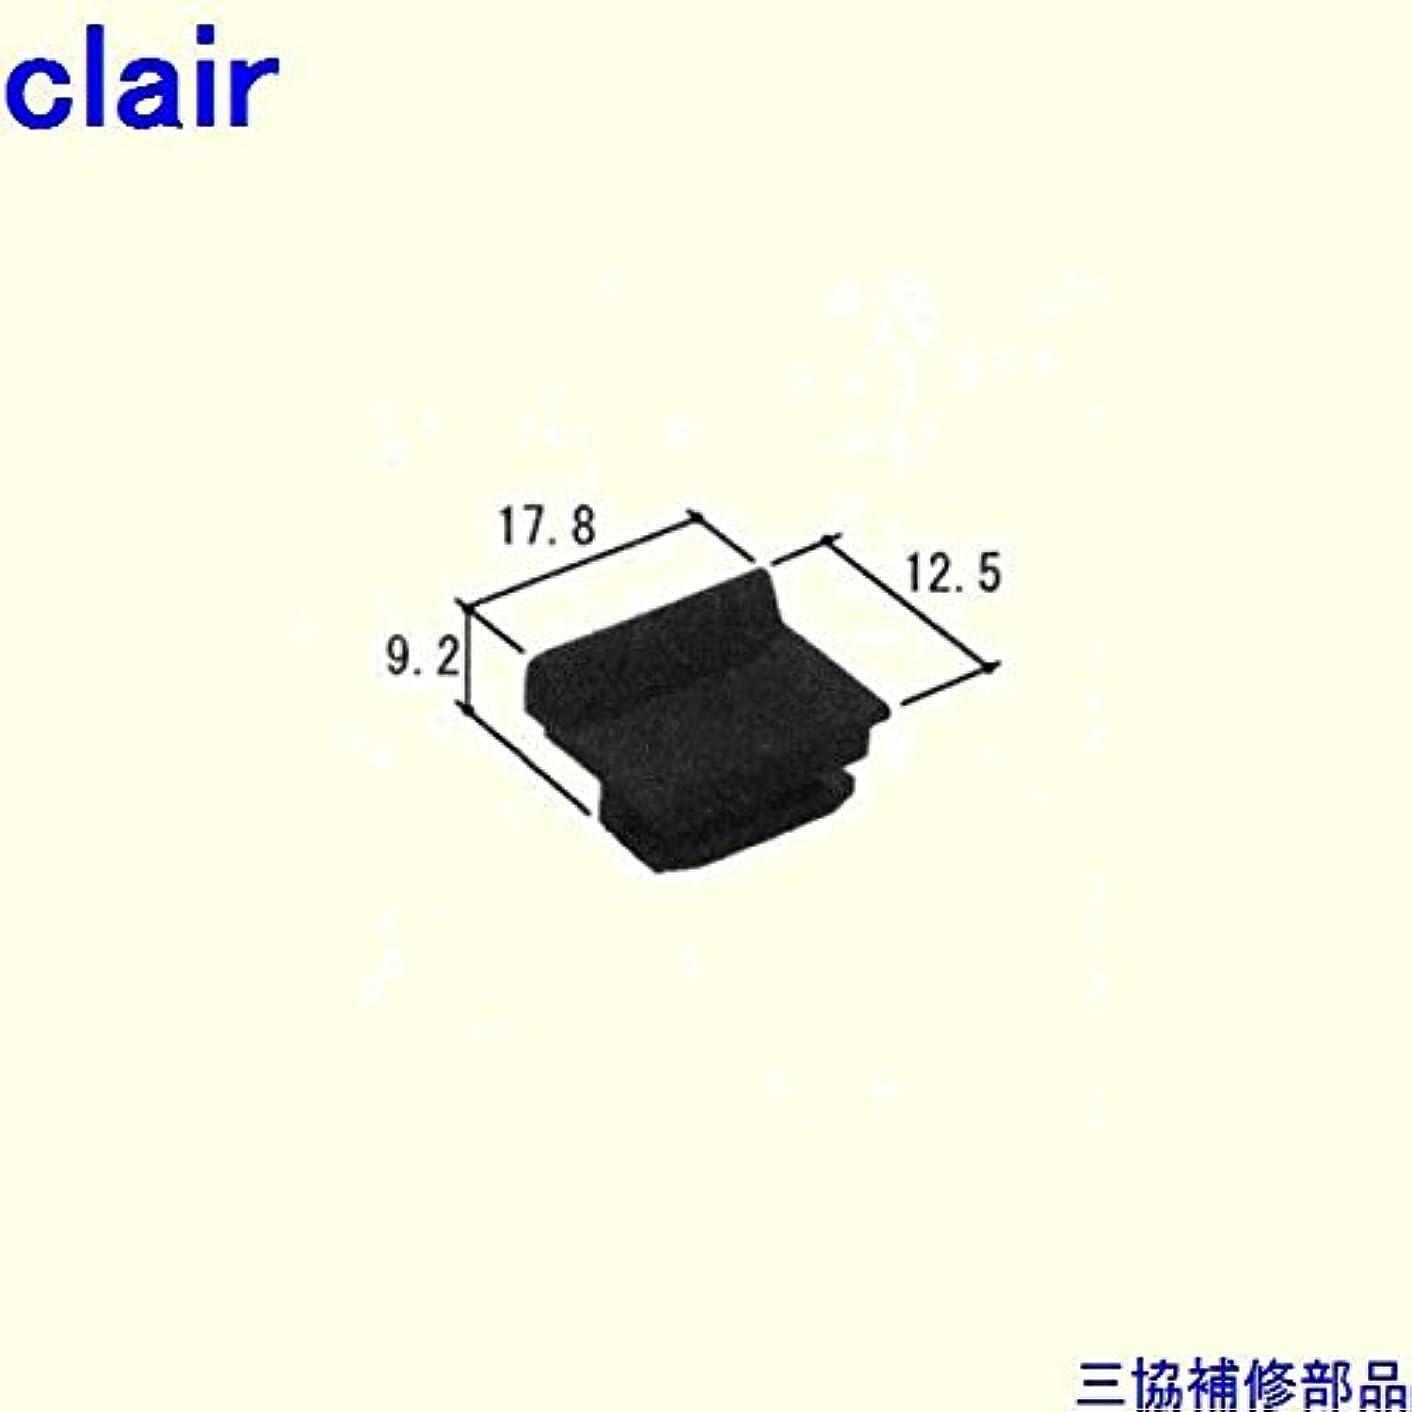 森林ポーク複雑三協アルミ 補修部品 引違い窓 キャップ(下かまち)[WB3036] [WH]ホワイト *製品色?形状等仕様変更になる場合があります*